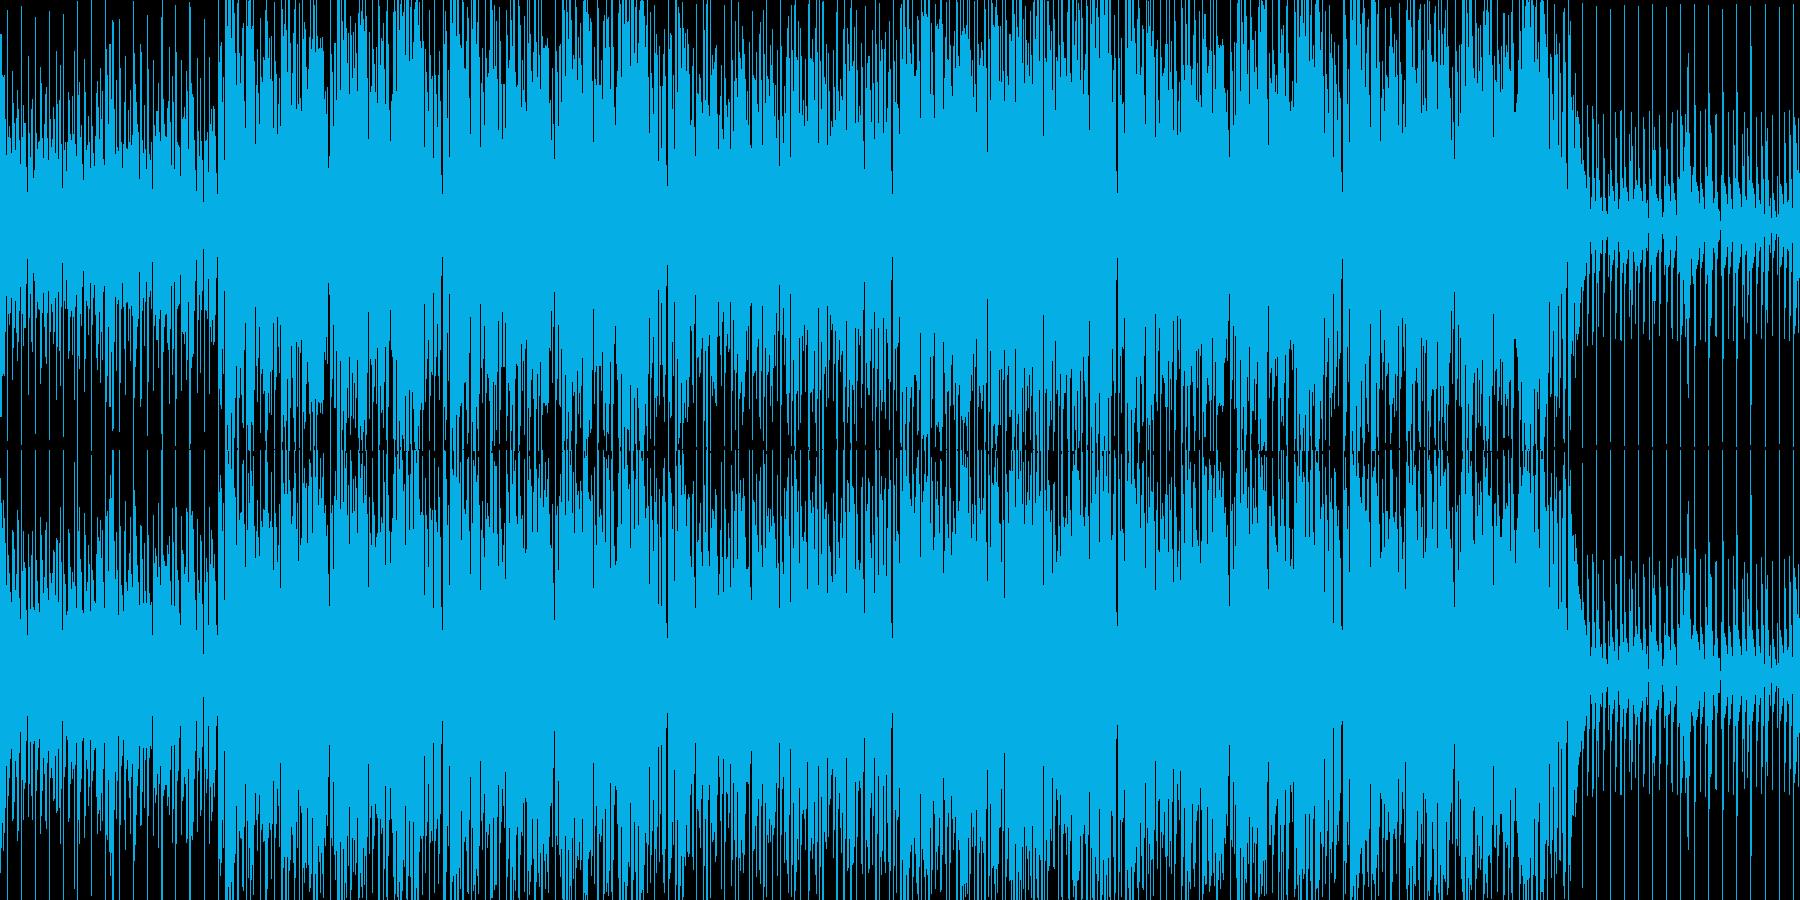 和風/侍/ファンク/ミックス/かっこいいの再生済みの波形